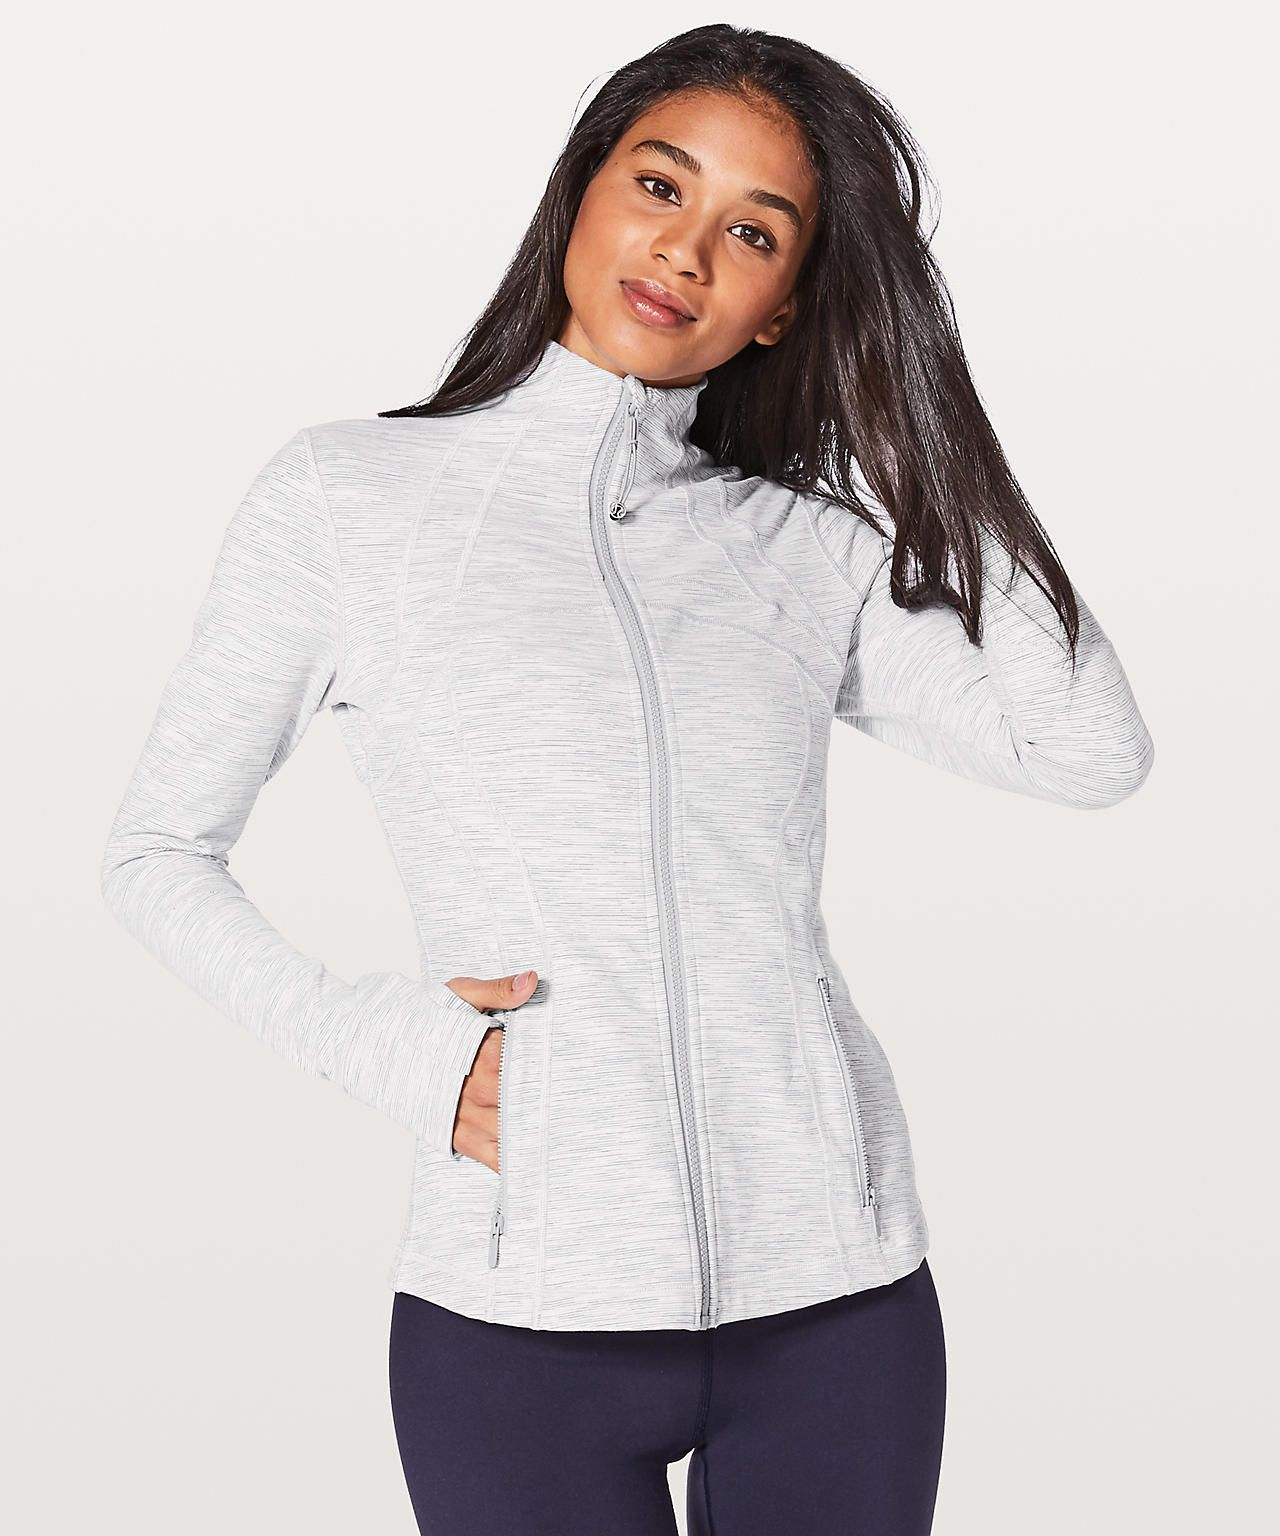 Define jacket womens jackets lululemon in 2021